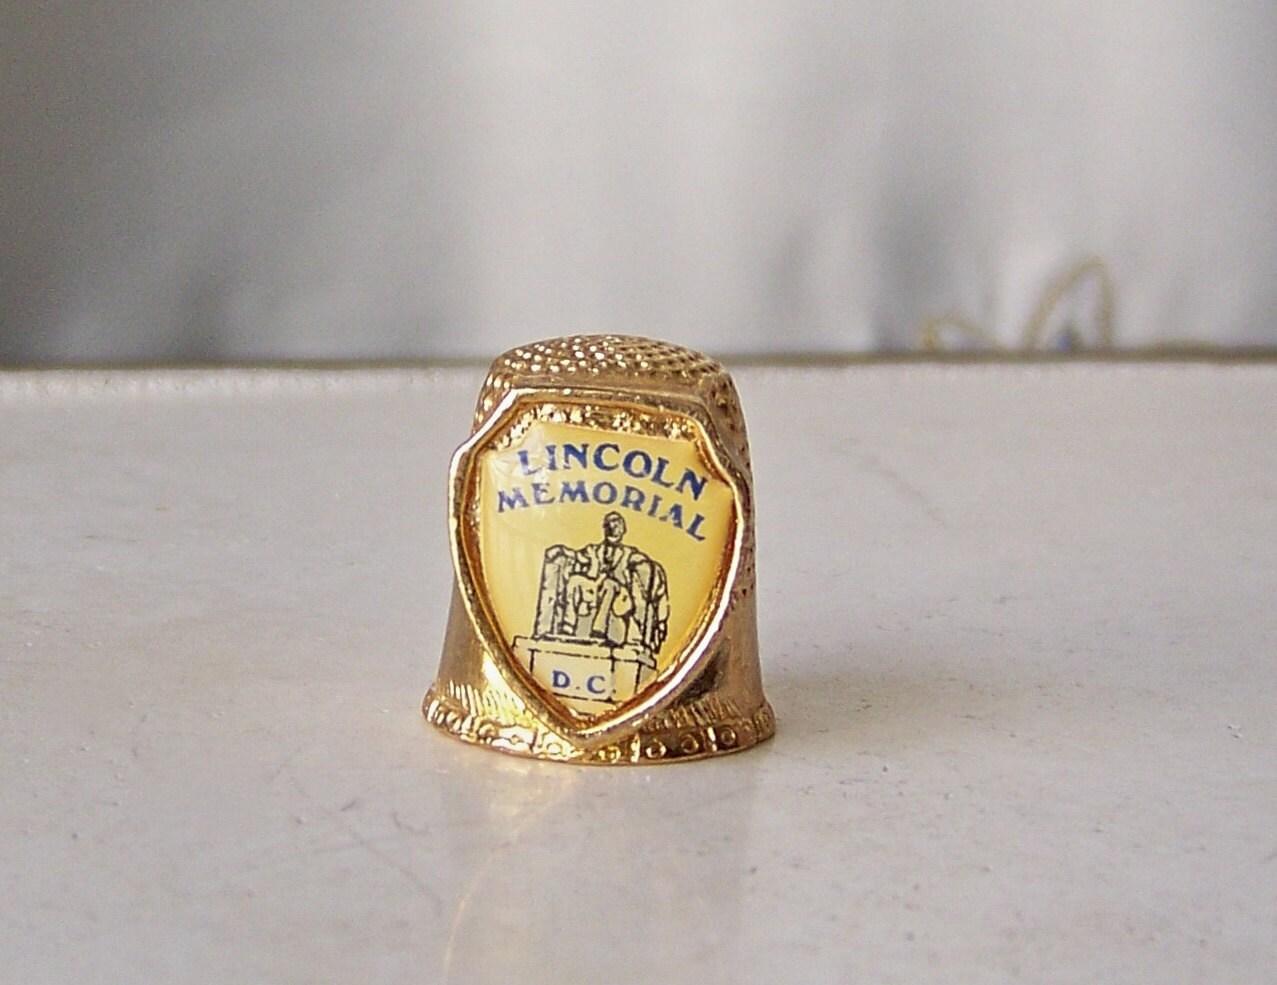 Souvenir dé à 1980 coudre Lincoln Memorial D.C. Vintage 1980 à nous livraison gratuite bceaec